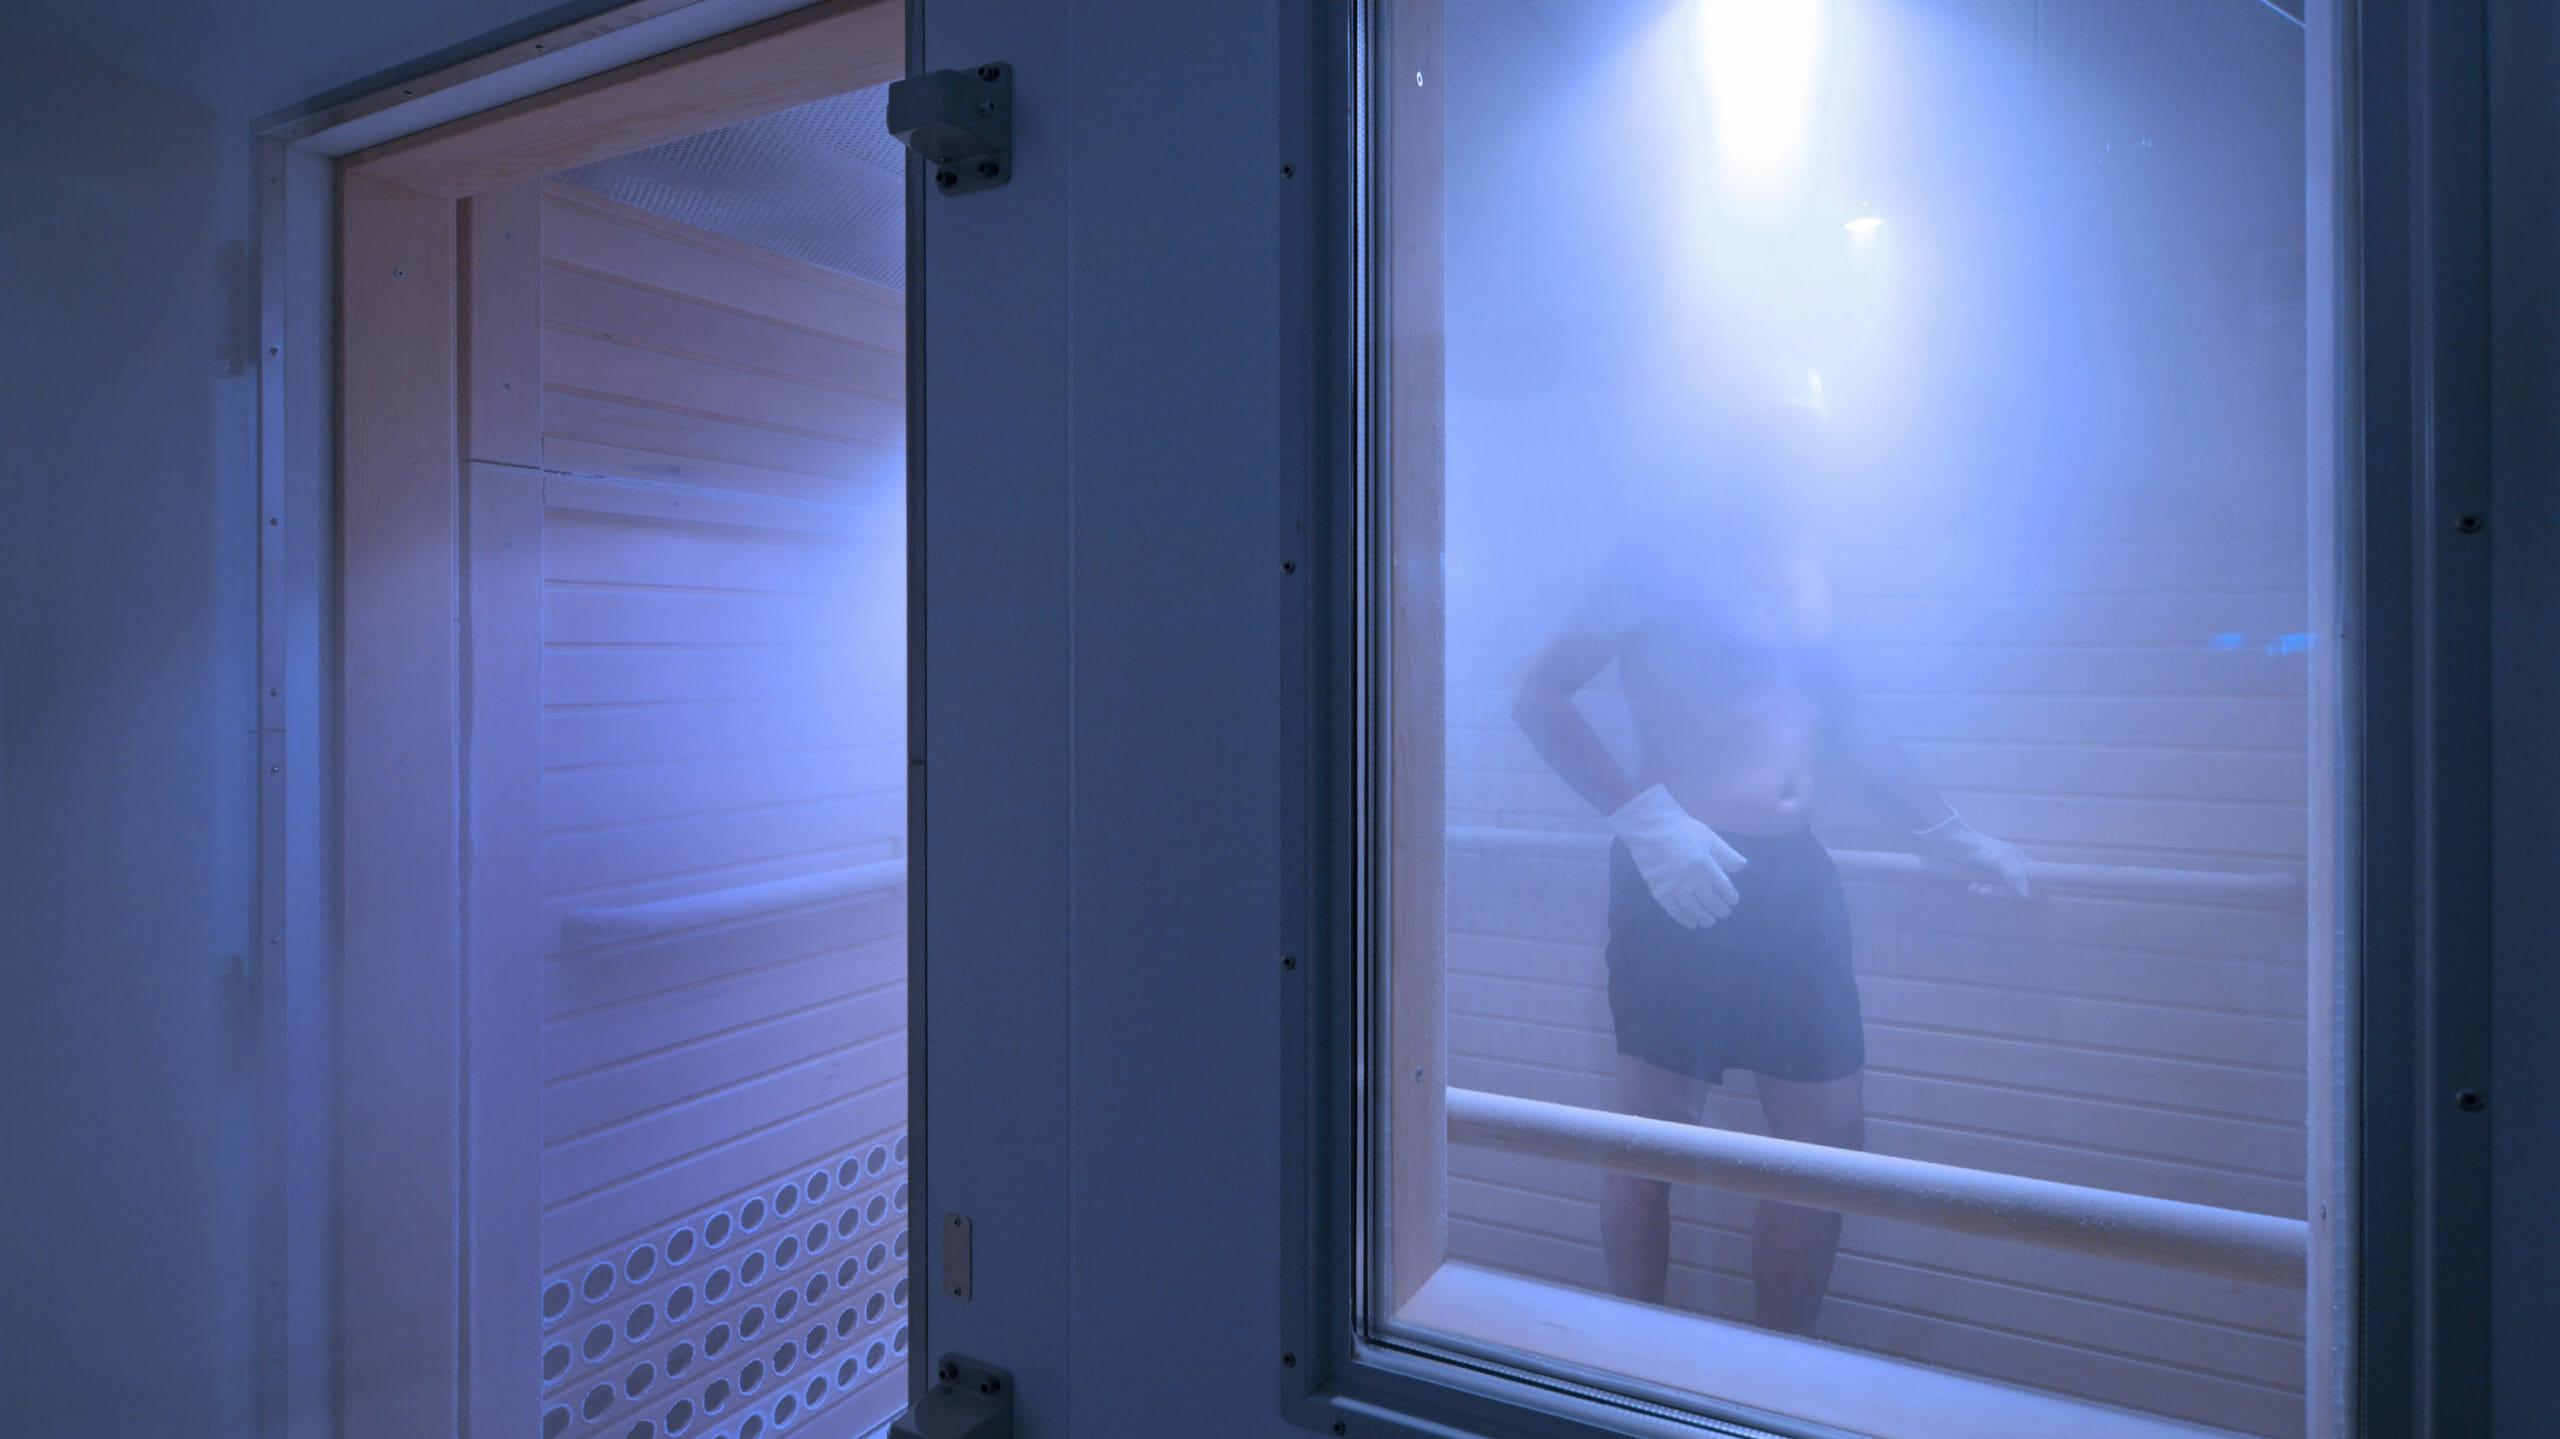 Geöffnete Kältekammer Mann steht in Trockeneisnebel